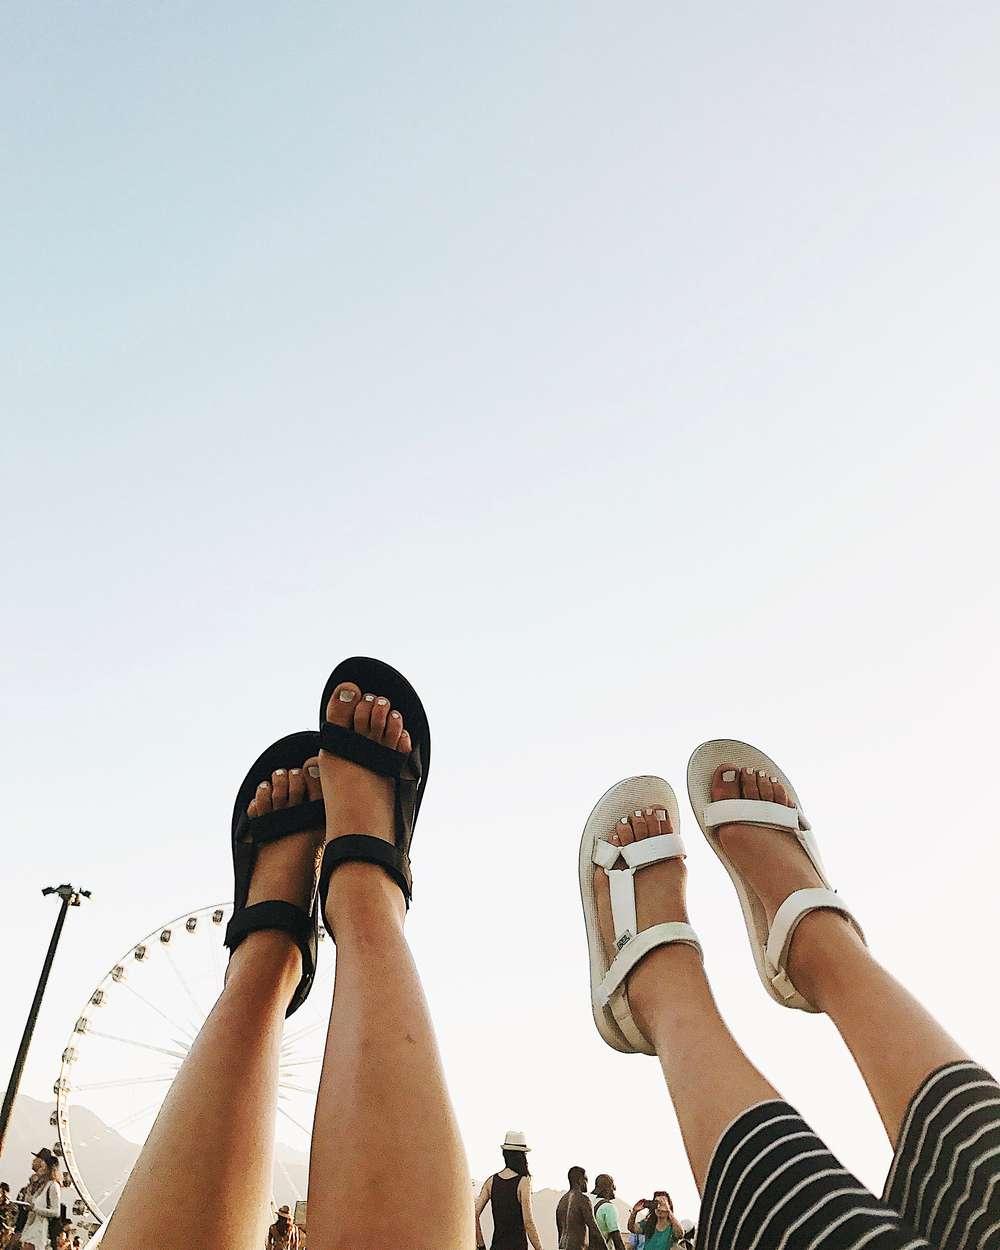 Feet in air wearing Teva sandals